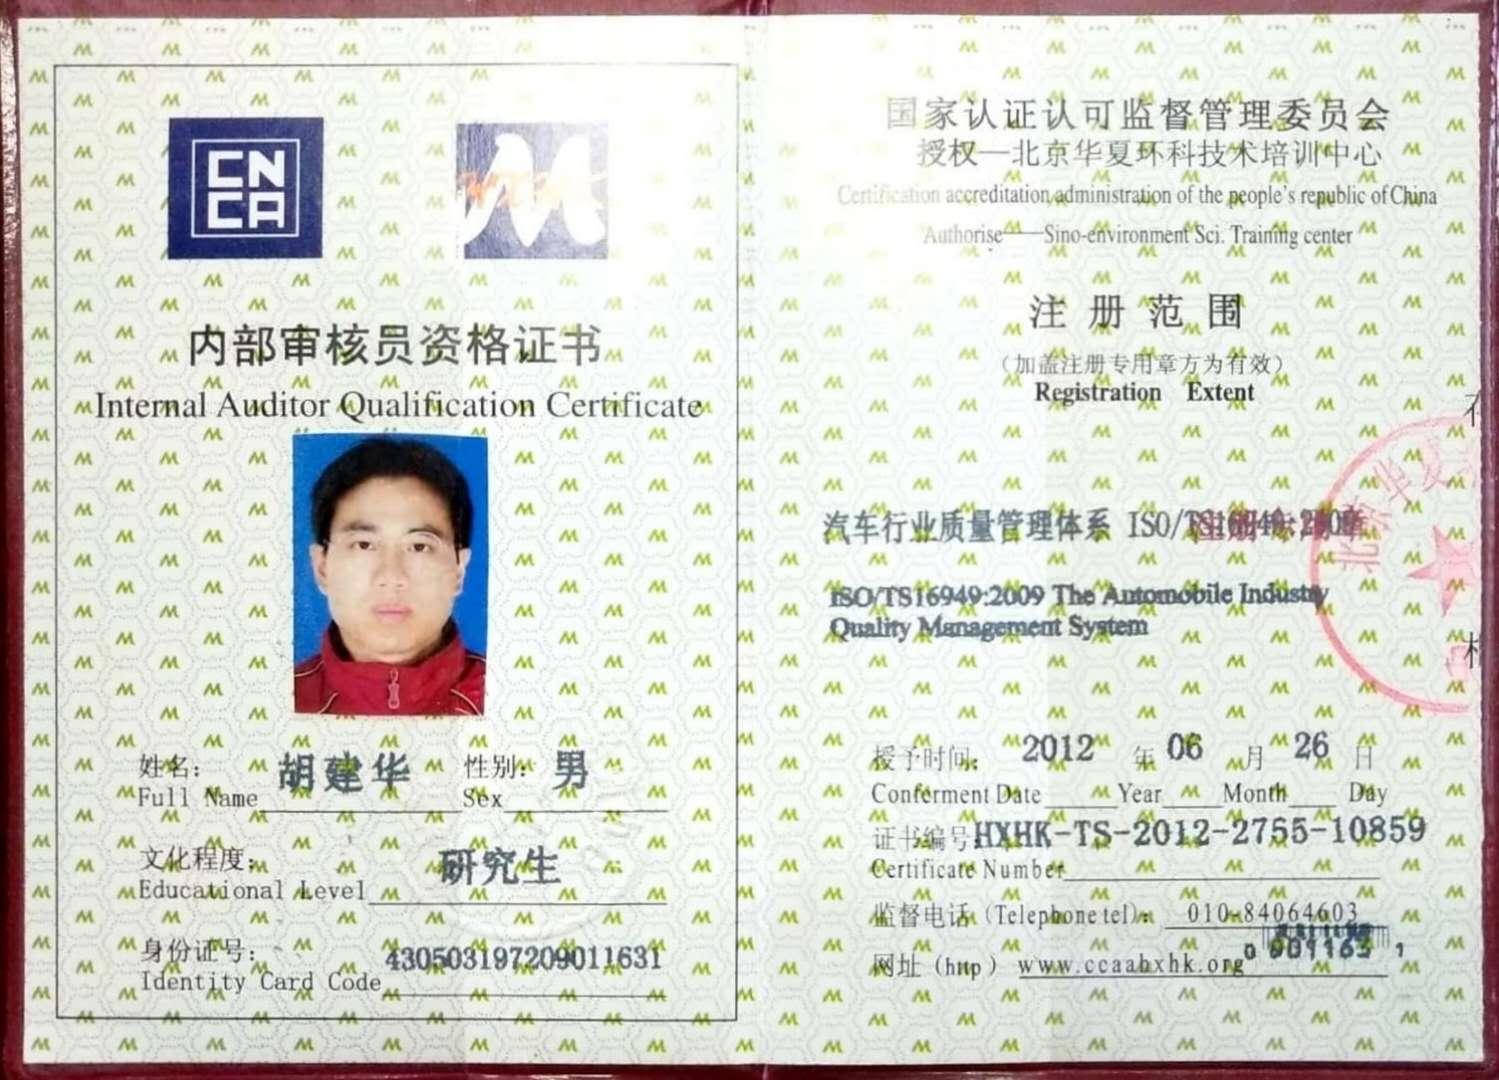 胡建华TS1949内部审核员证书